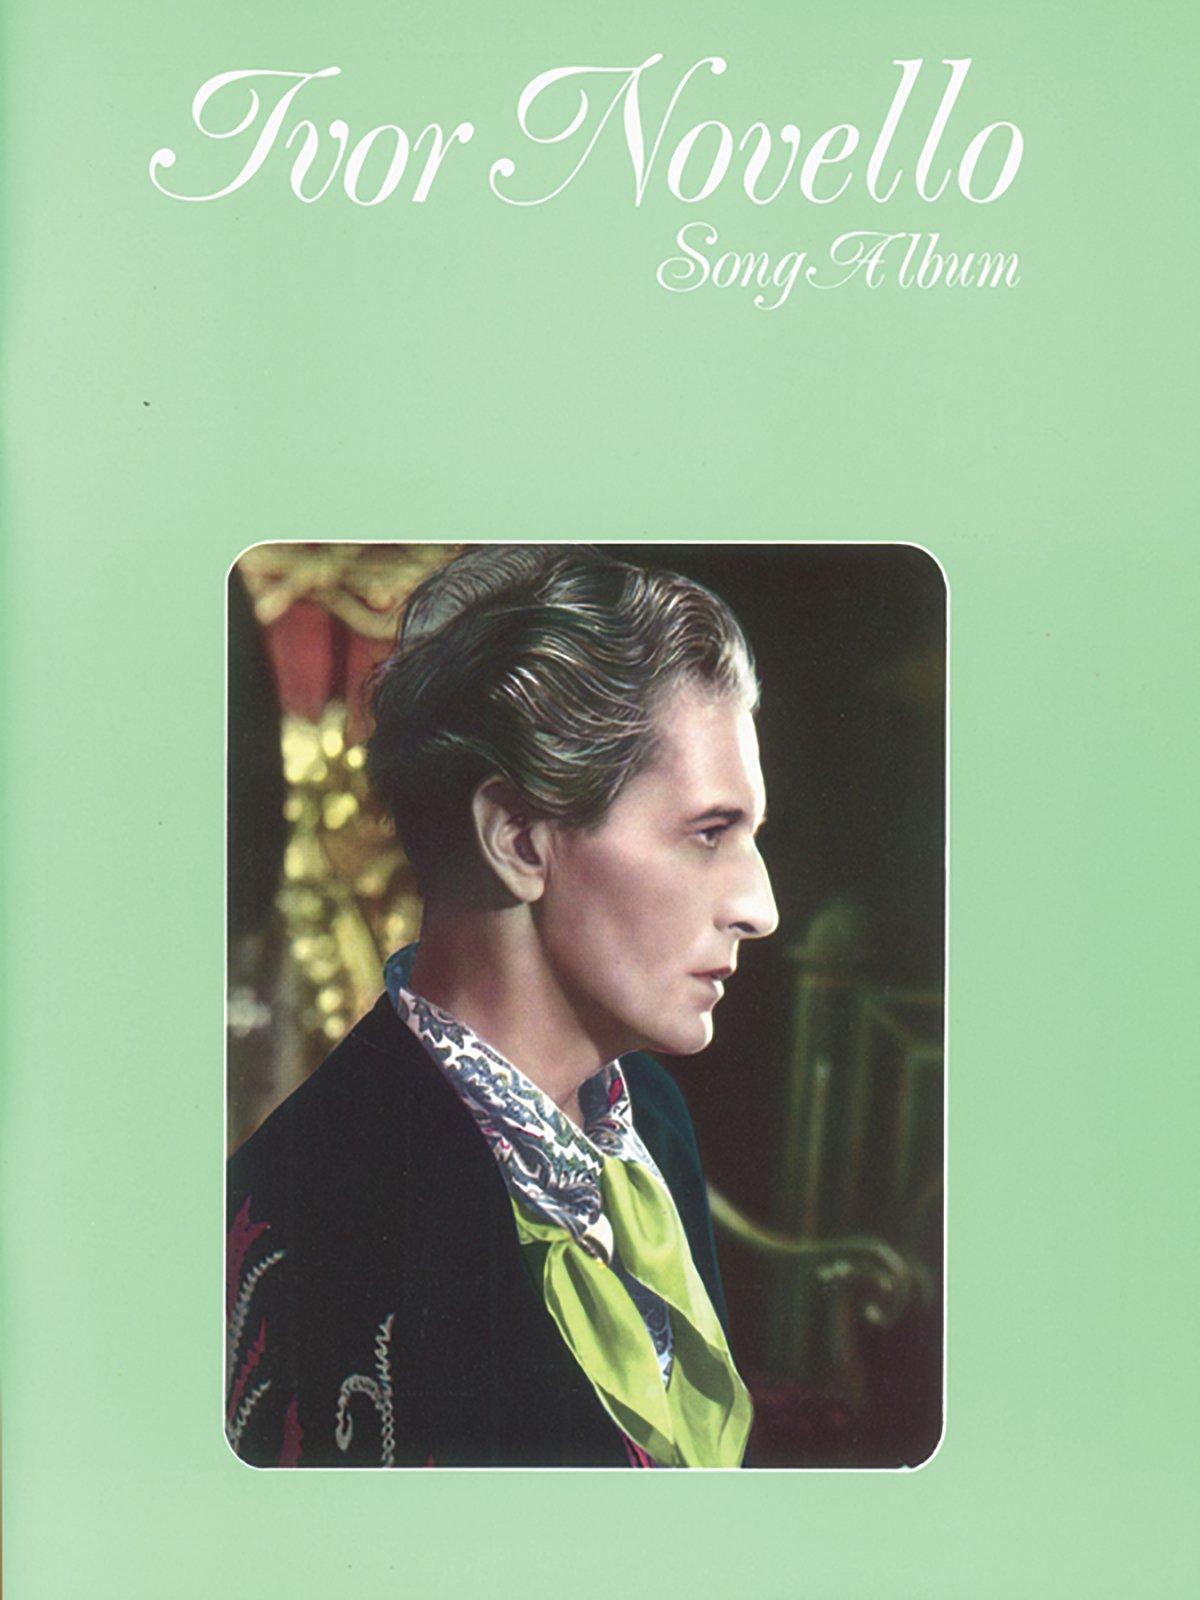 Ivor Novello: Song Album (Inglese) Copertina flessibile – 10 ott 2007 Faber & Faber Music Faber & Faber 0571528678 12-0571528678